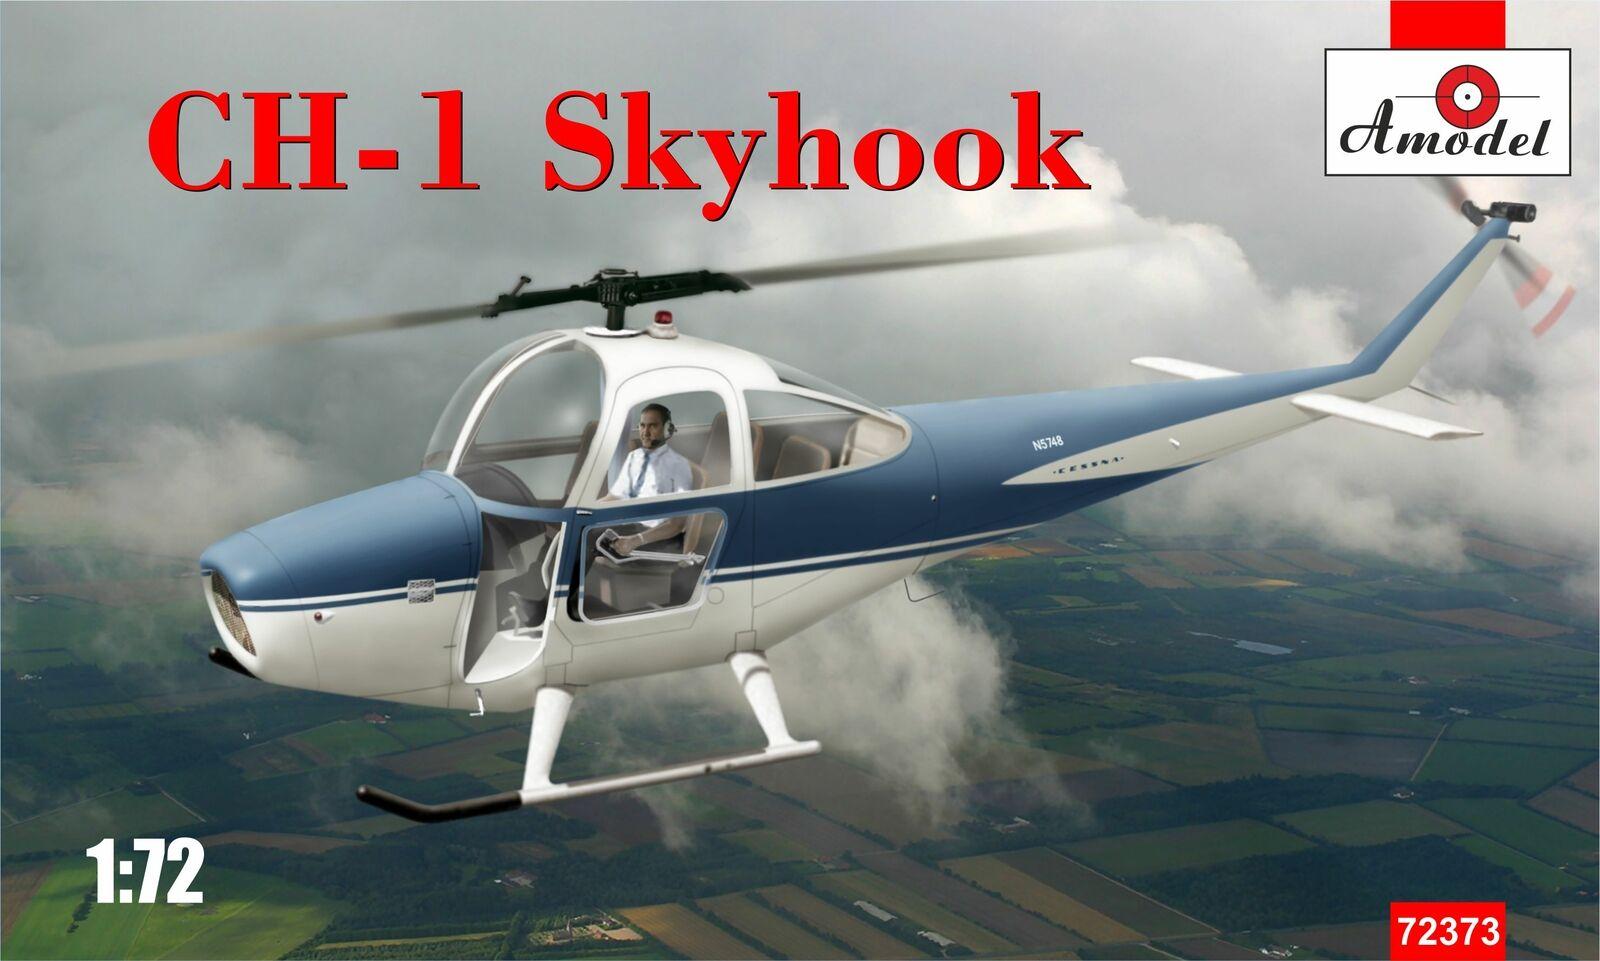 Amodel 1 1 1 72 Ch-1 Skyhook 6f1d1d